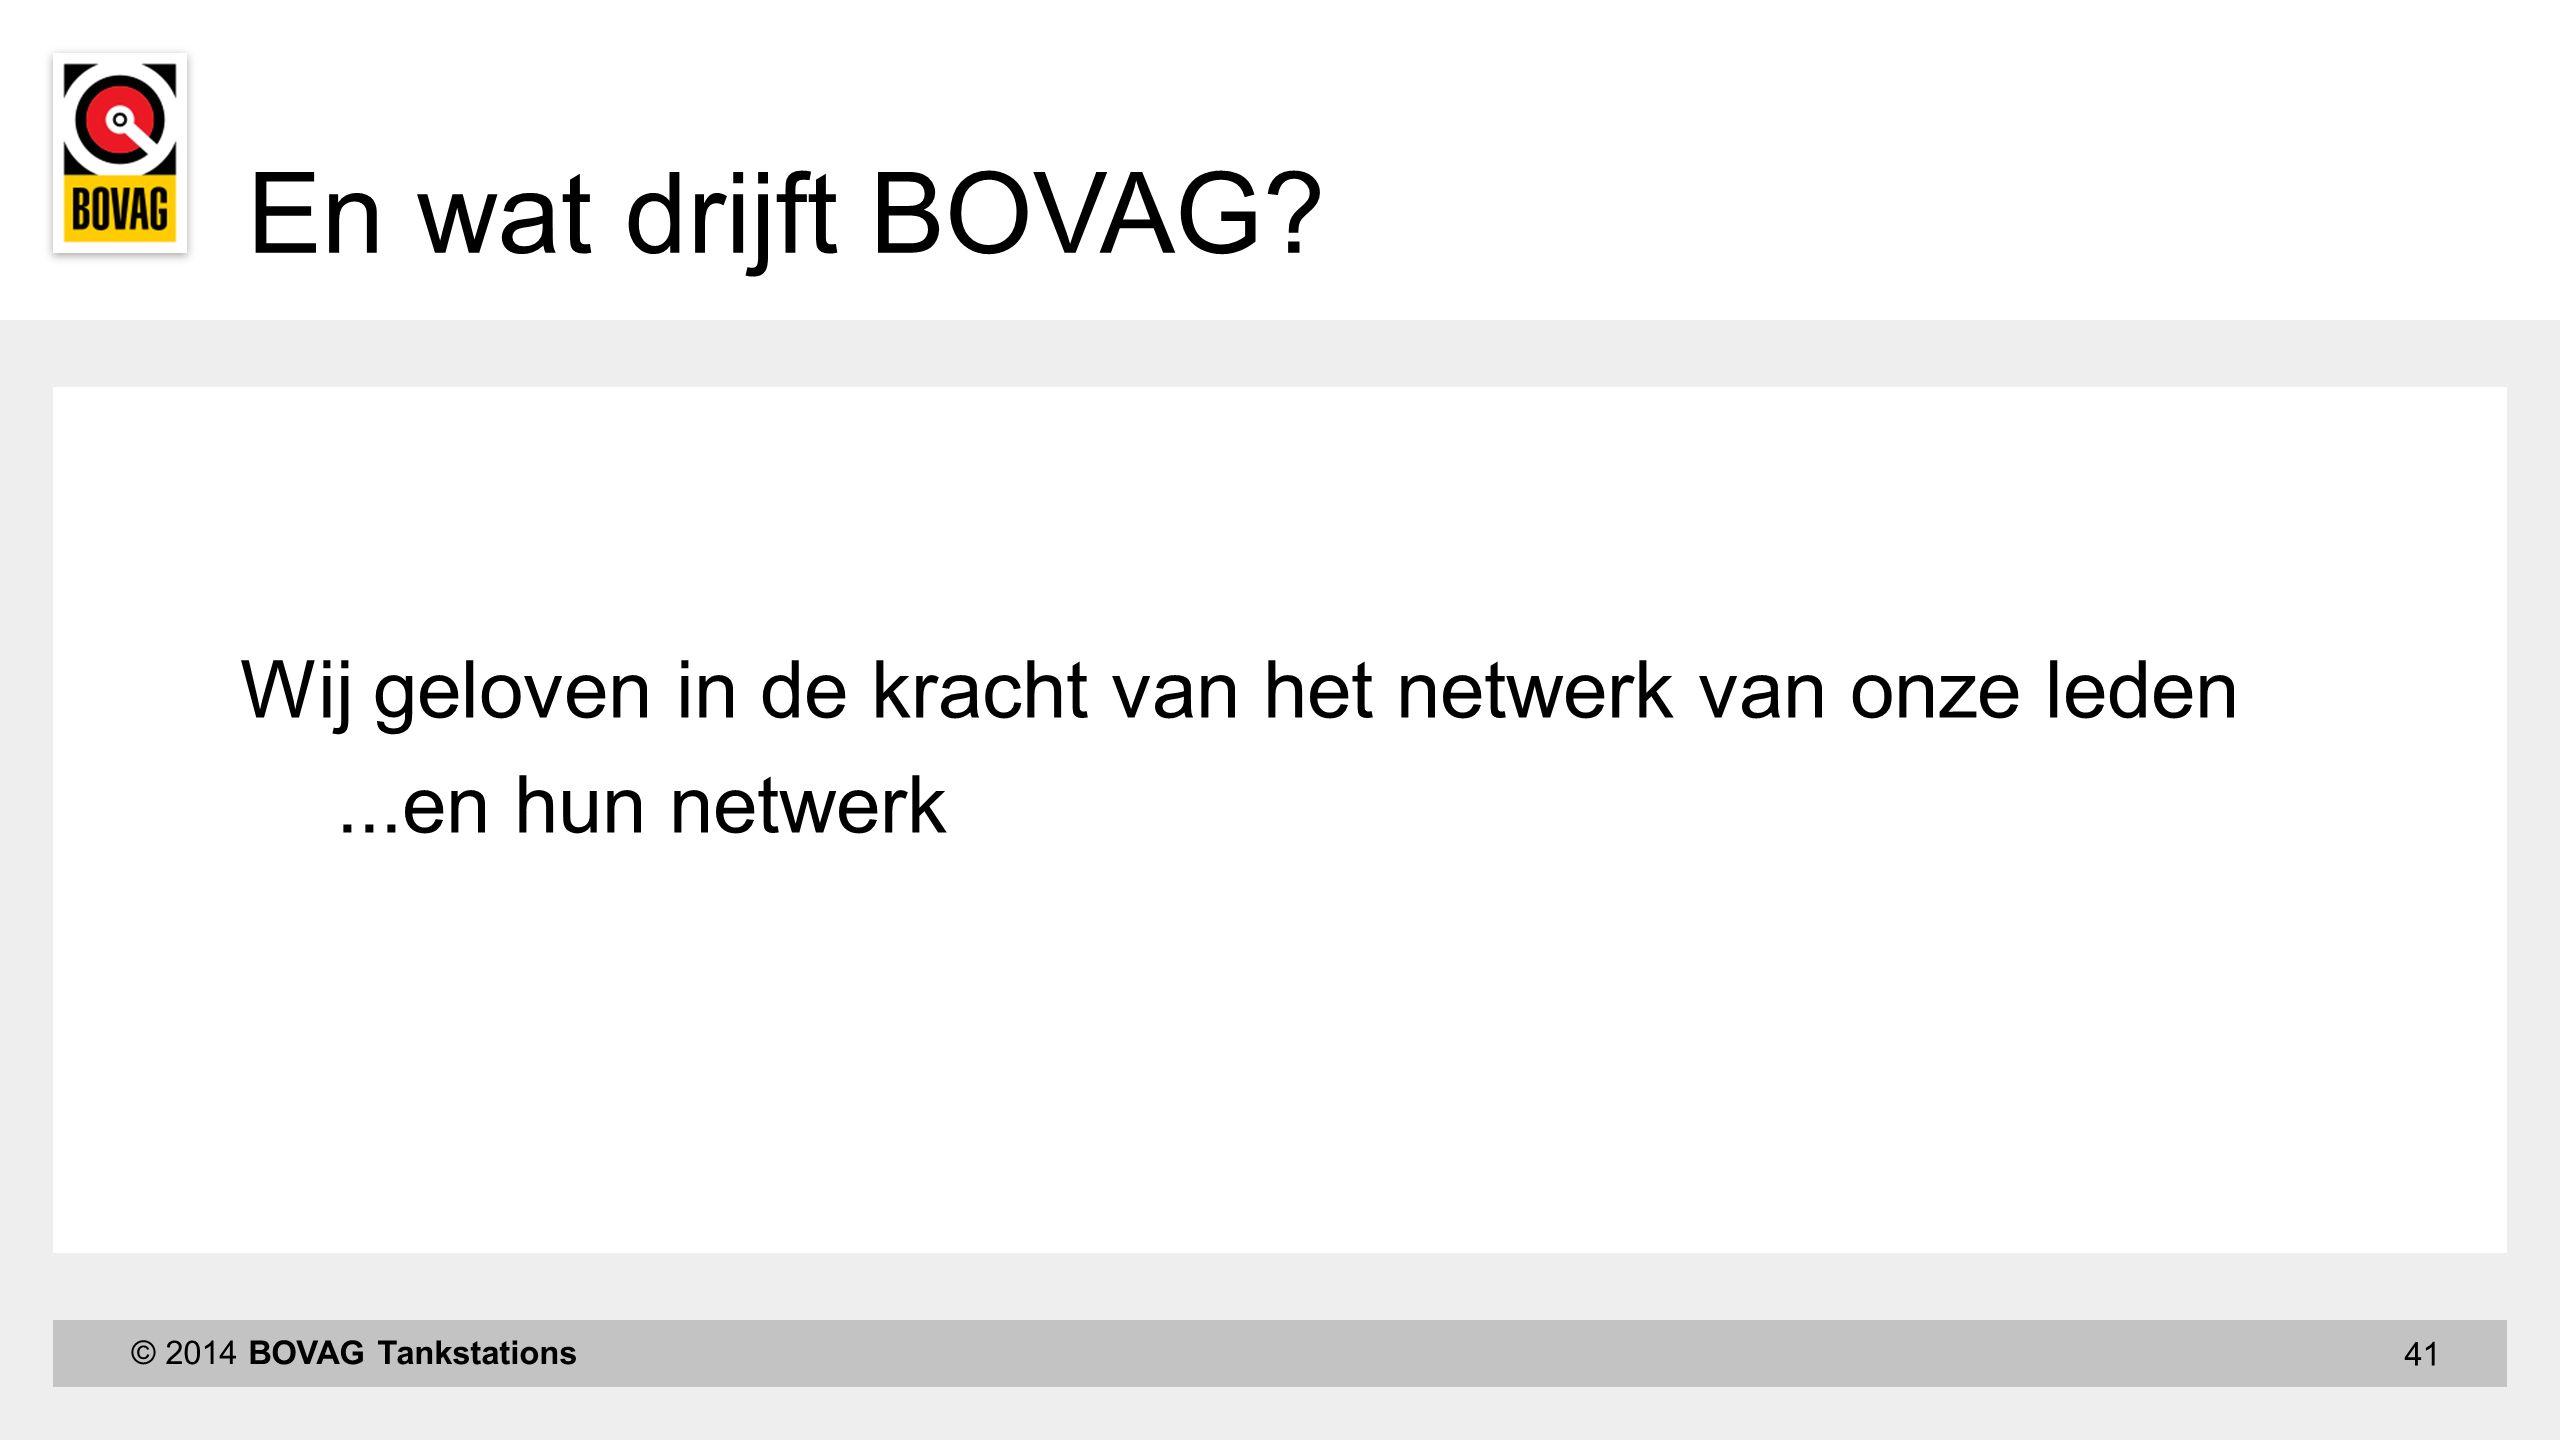 41 © 2014 BOVAG Tankstations En wat drijft BOVAG? Wij geloven in de kracht van het netwerk van onze leden...en hun netwerk